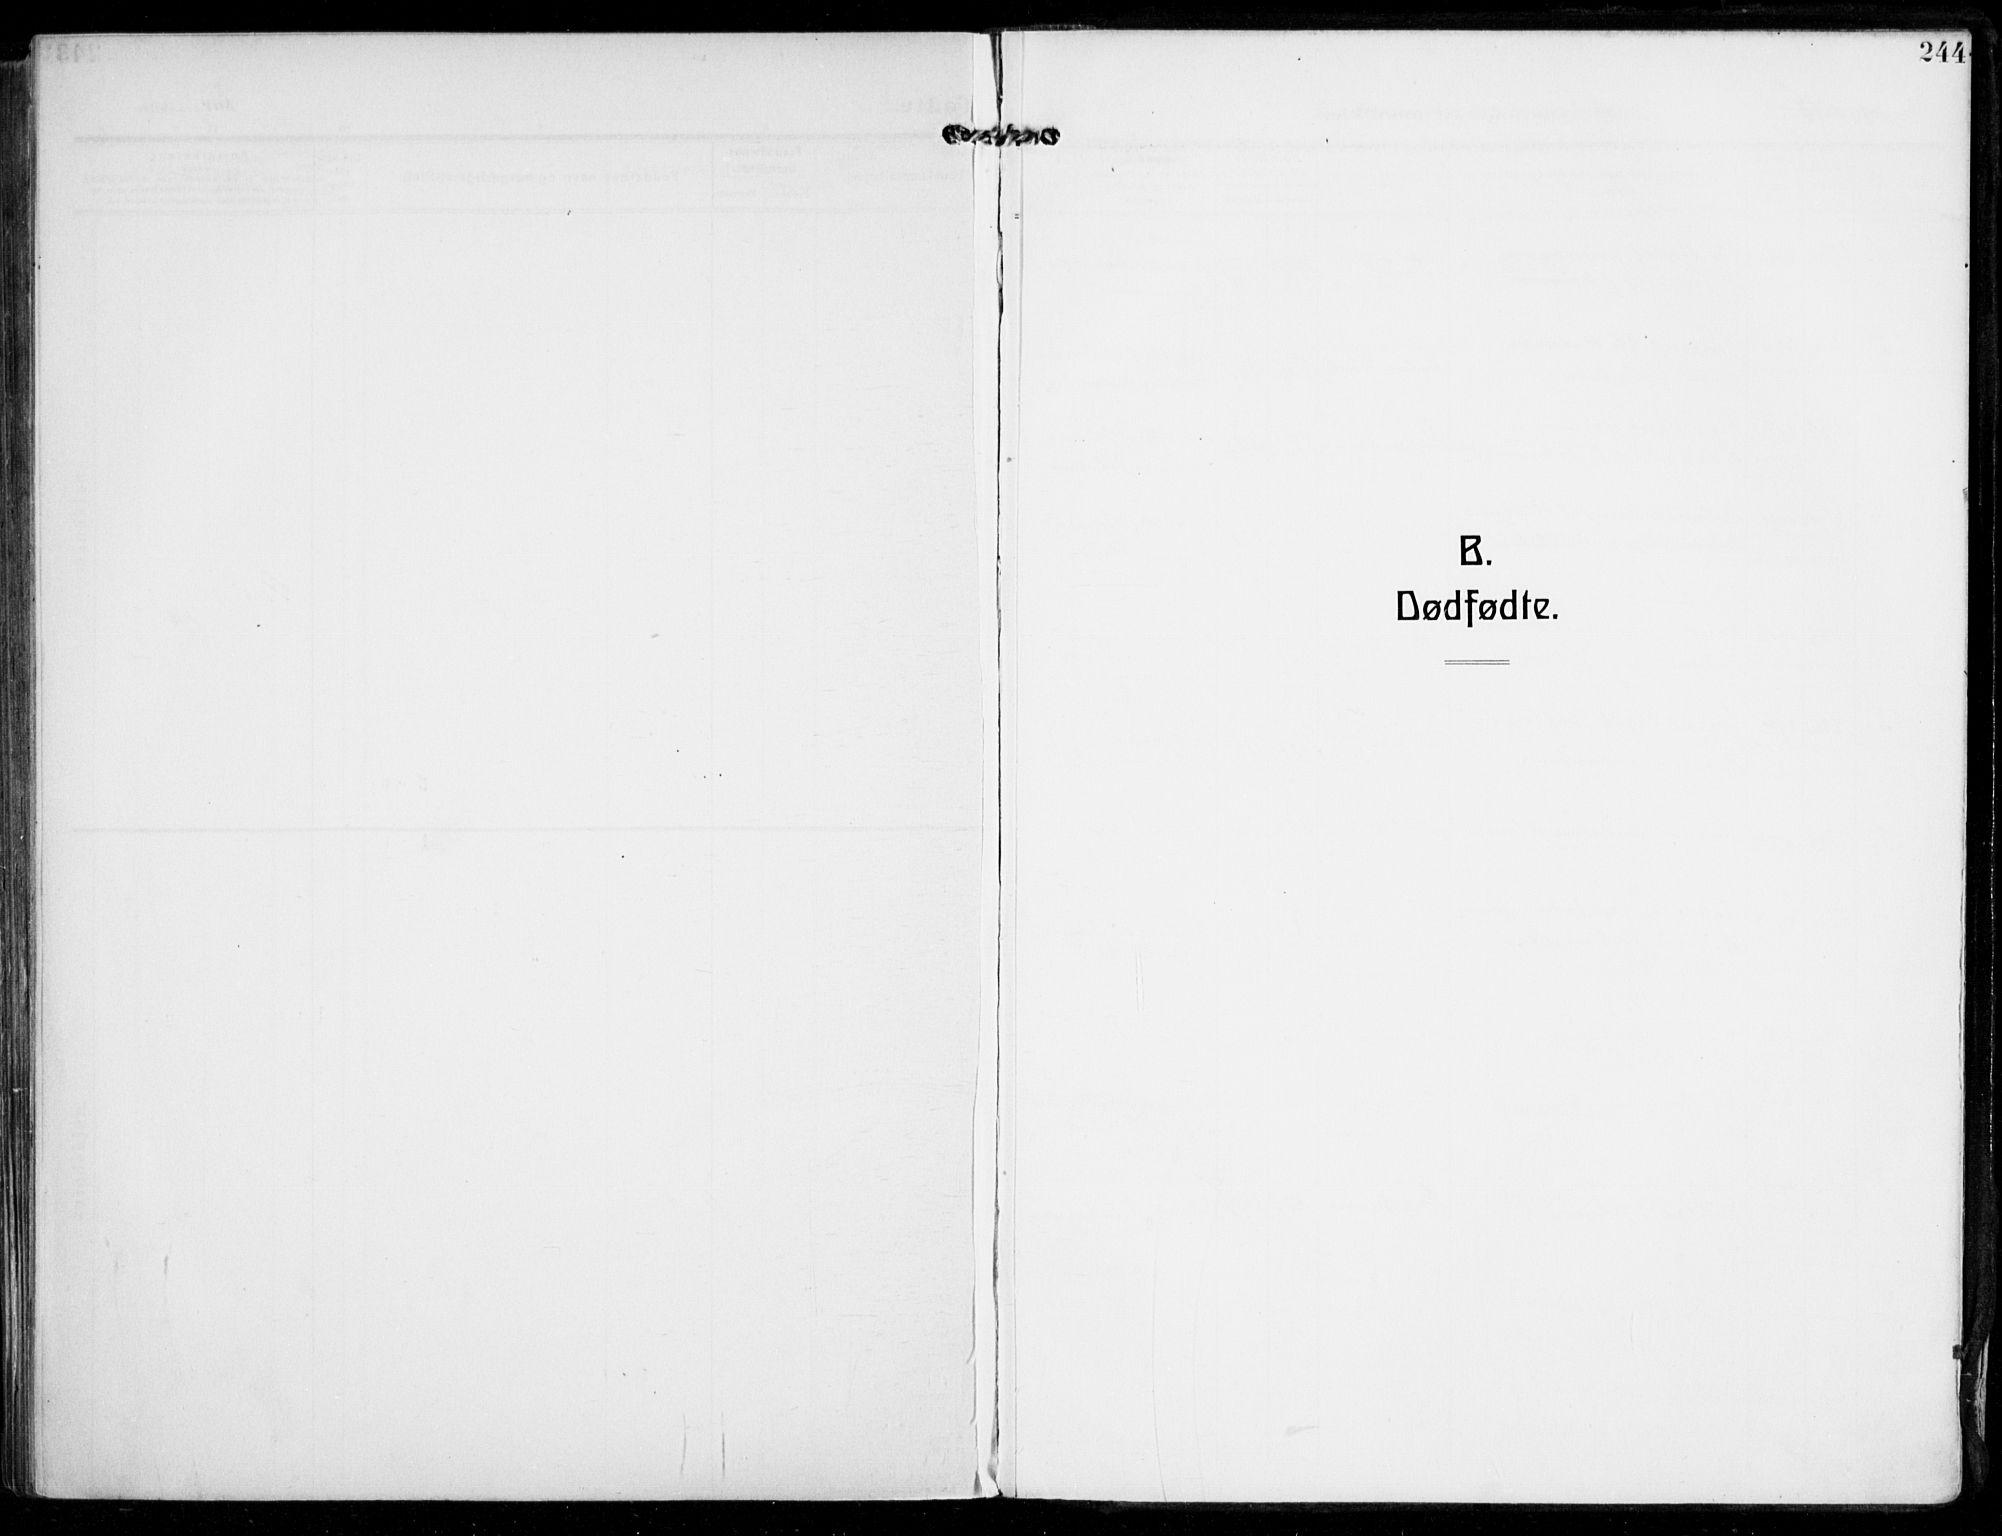 SAKO, Sandar kirkebøker, F/Fa/L0016: Ministerialbok nr. 16, 1909-1919, s. 244